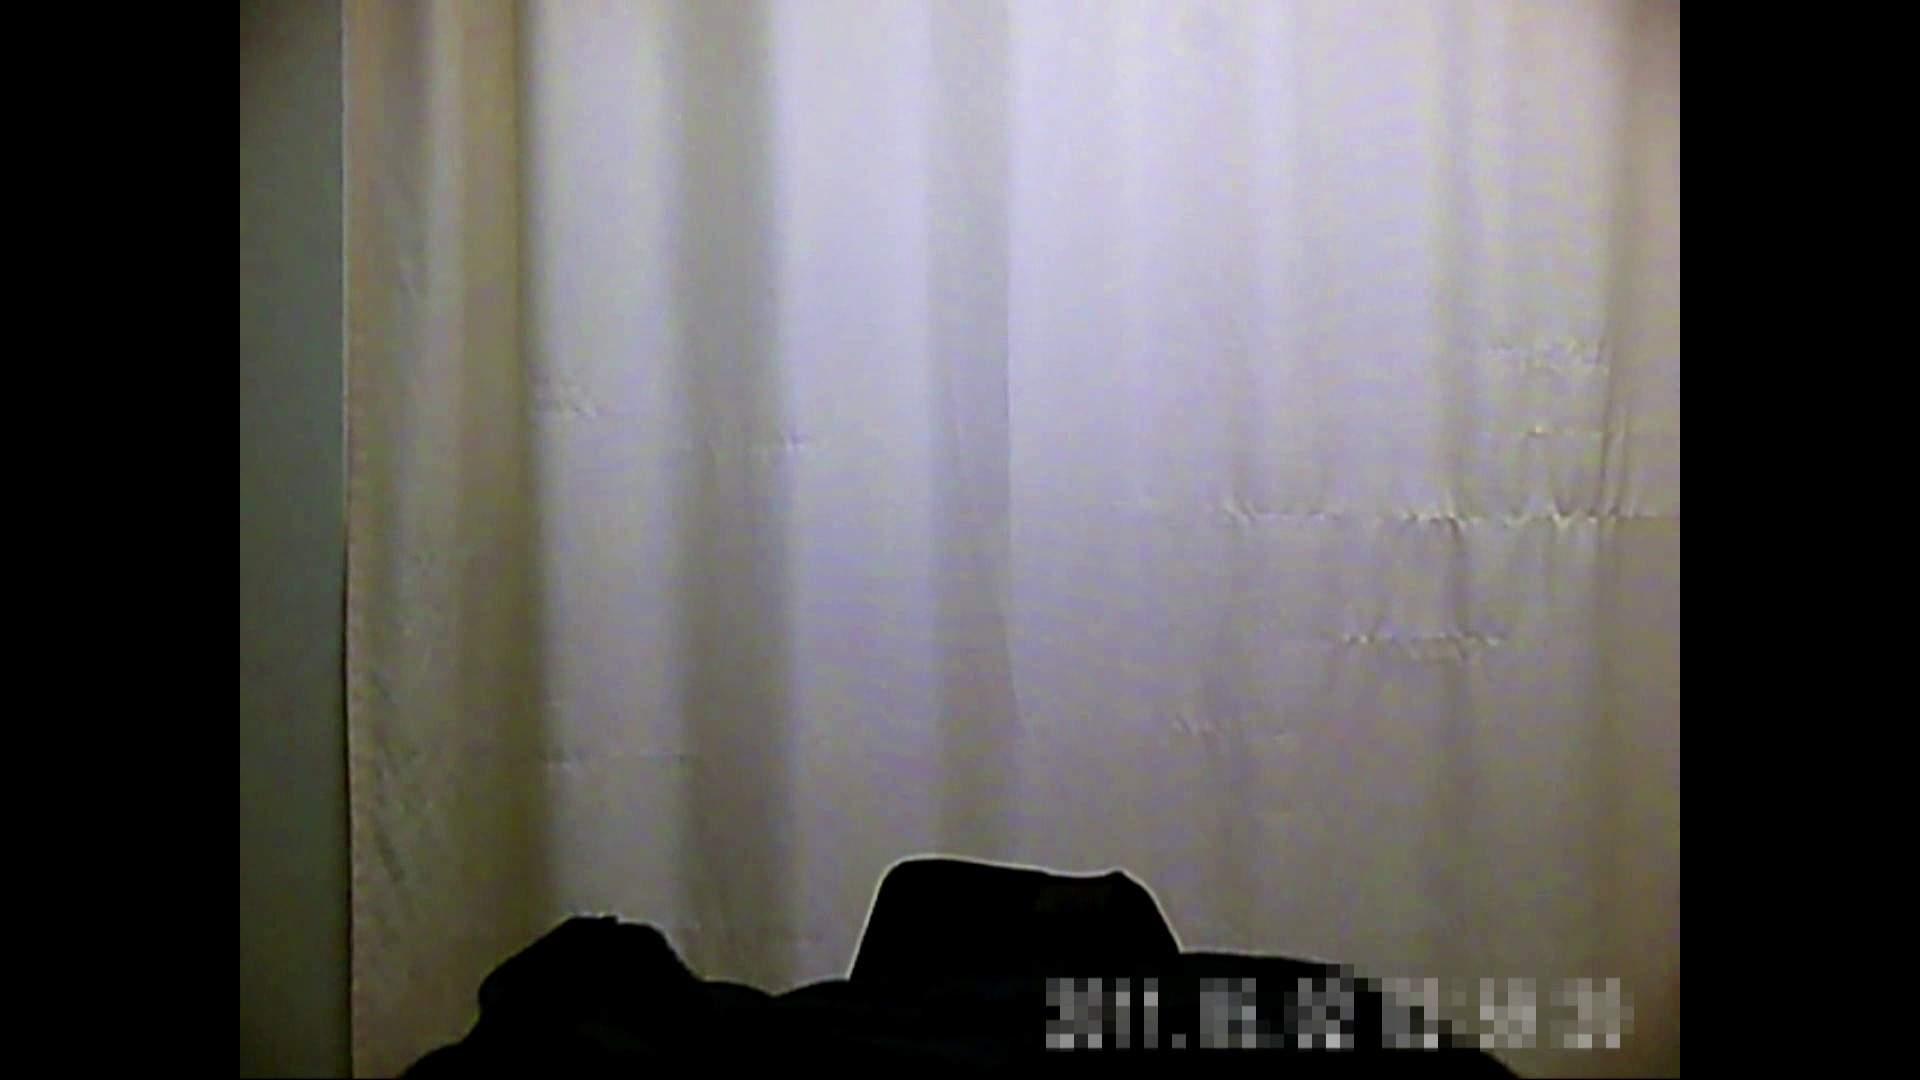 元医者による反抗 更衣室地獄絵巻 vol.003 OLの実態  34pic 28